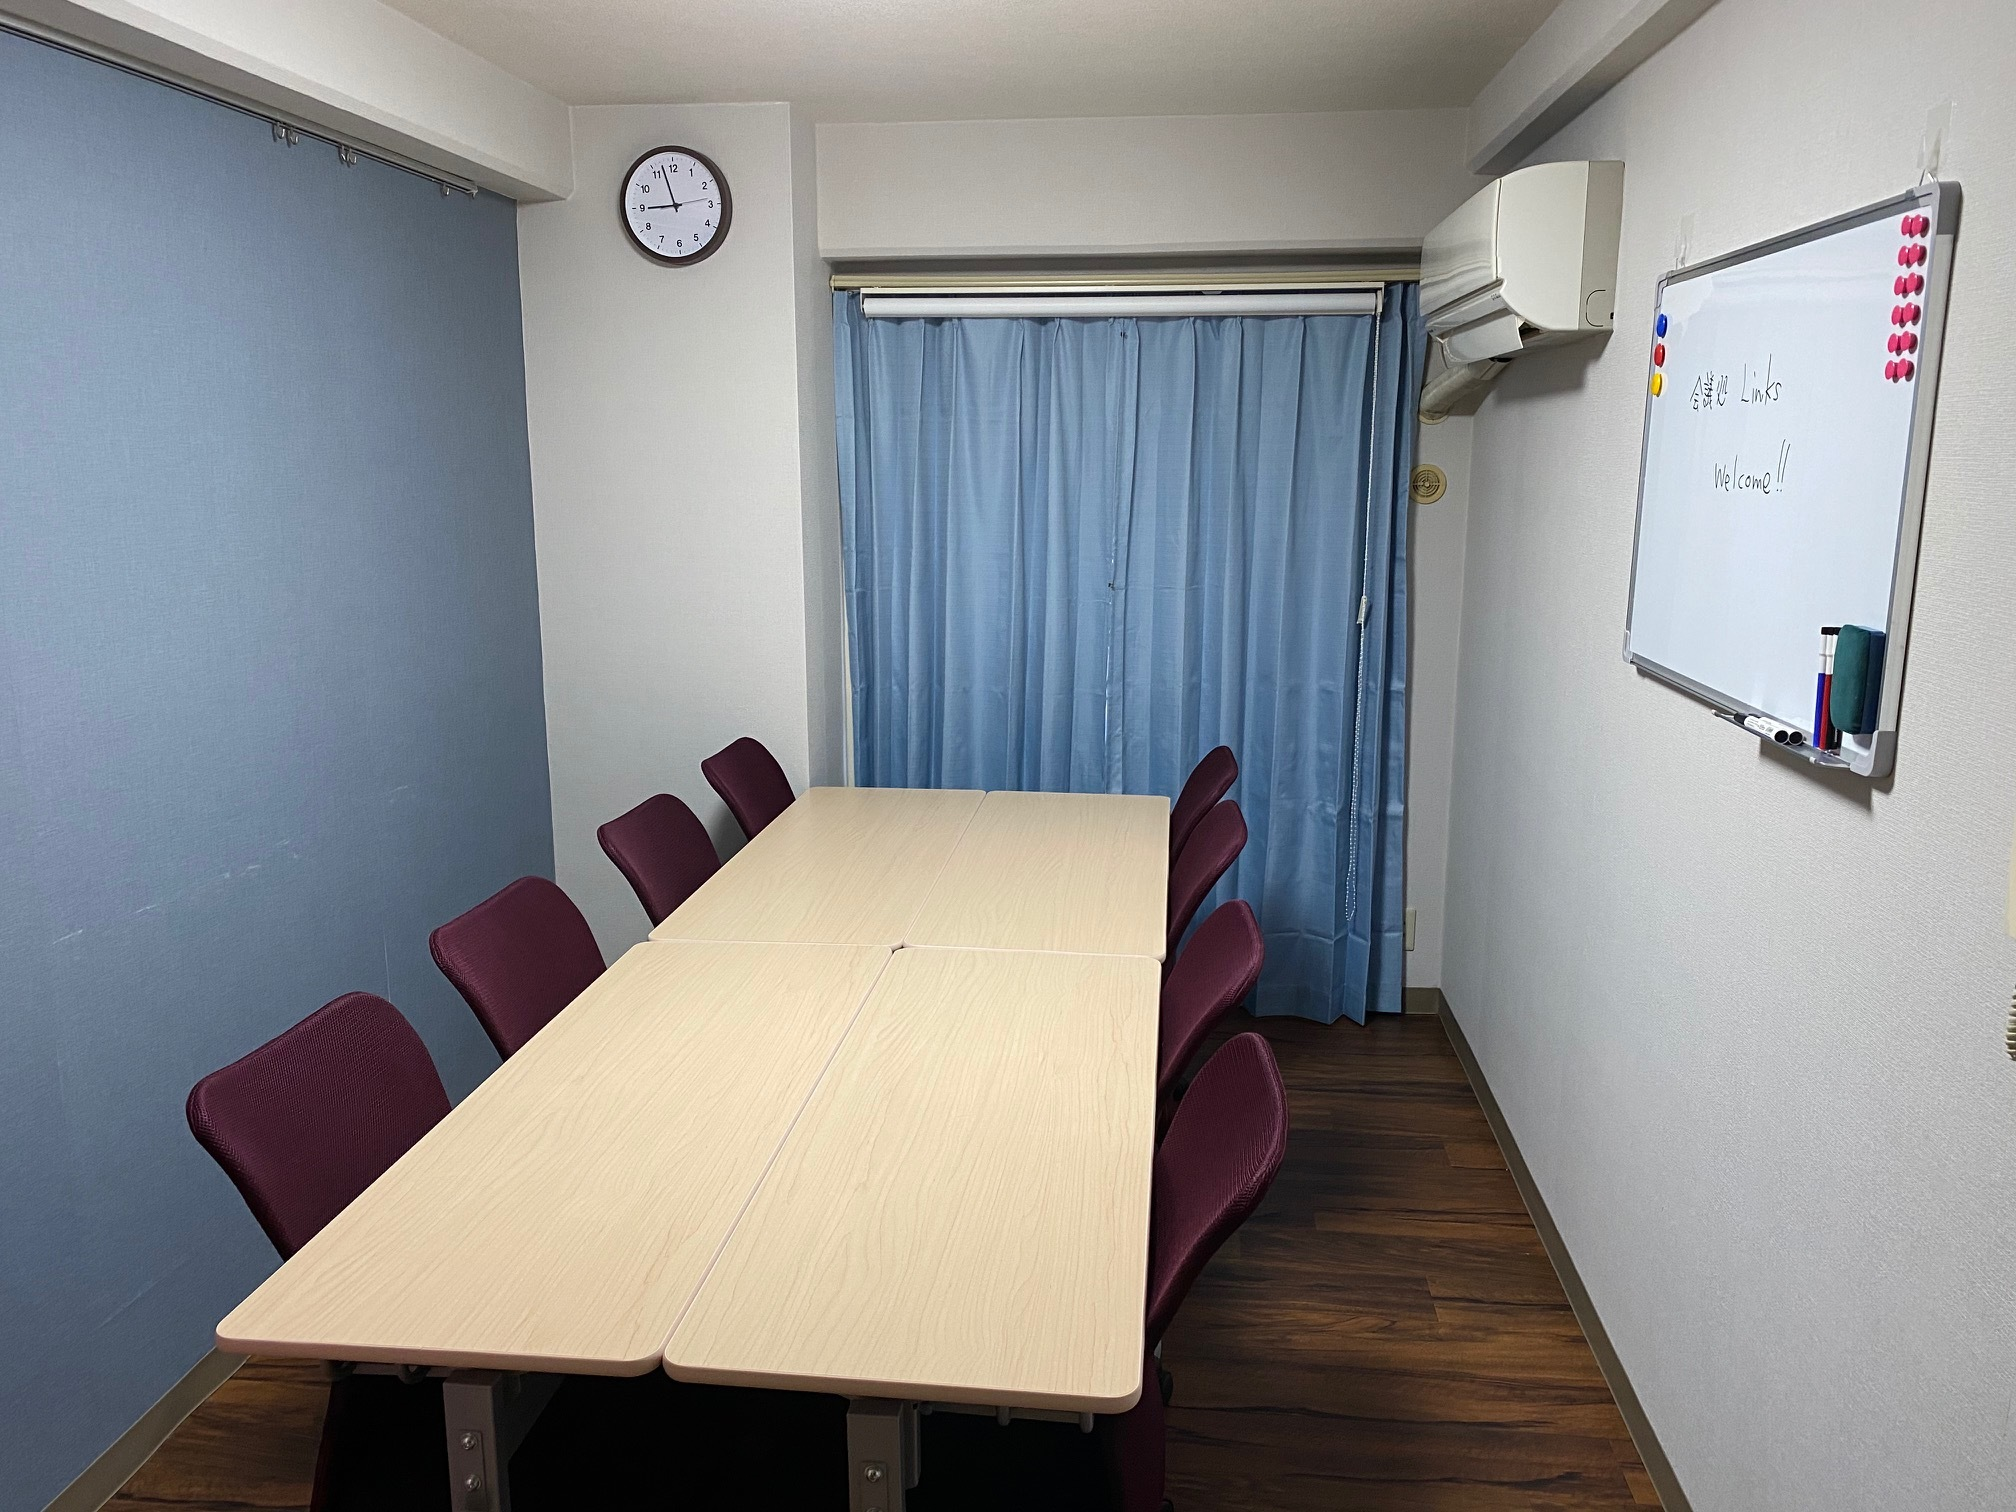 会議処*Links 新丸子駅前 貸し会議室の室内の写真